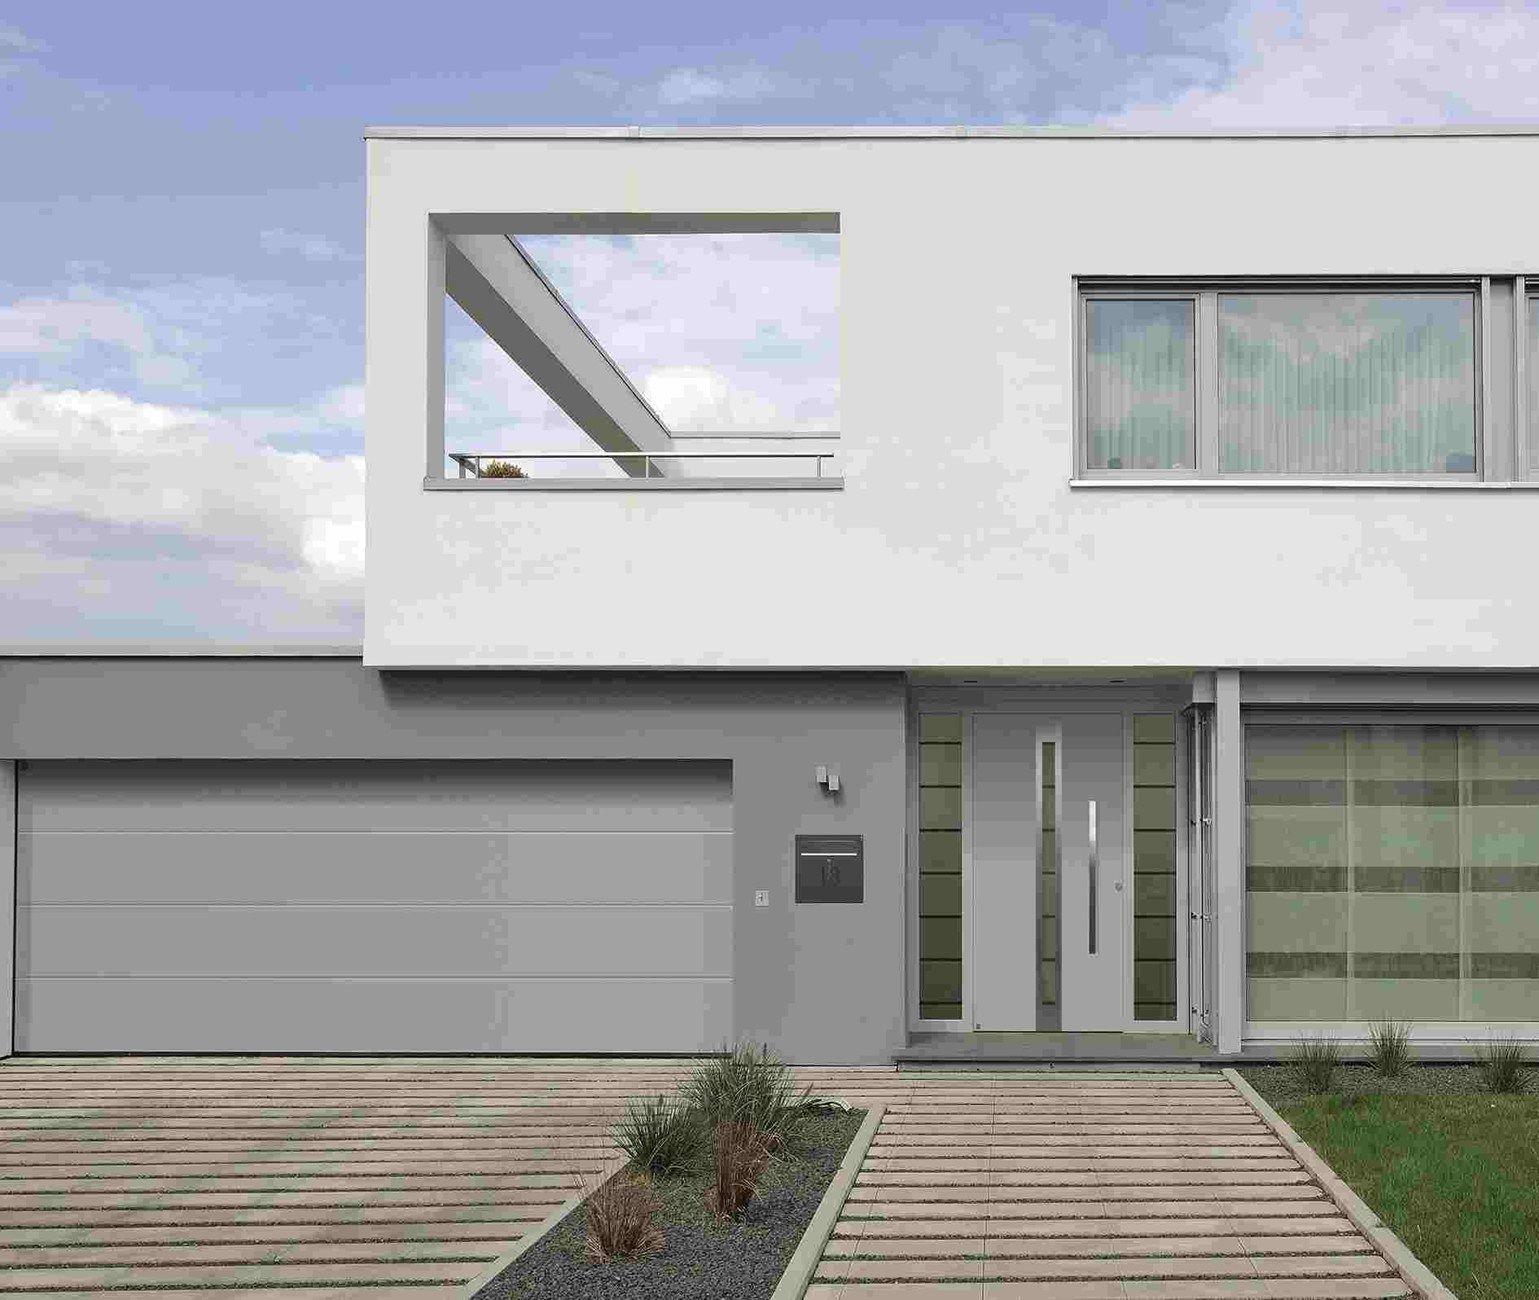 H rmann presenta la nuova porta d 39 ingresso in alluminio for Casa moderna prezzi